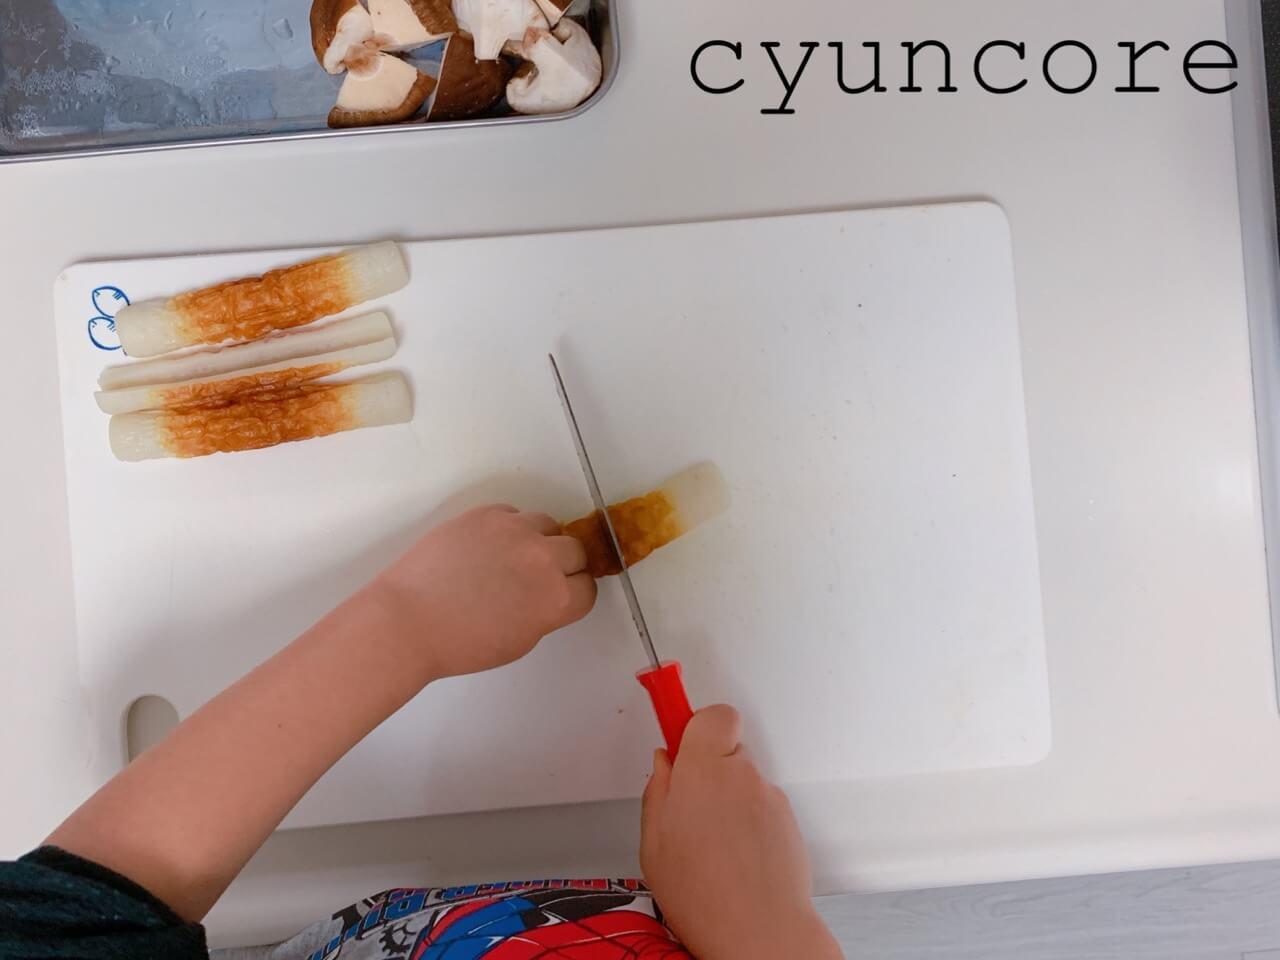 【キッズ包丁レシピ】4歳児が作る献立②メカジキの唐揚げとちくわの煮物